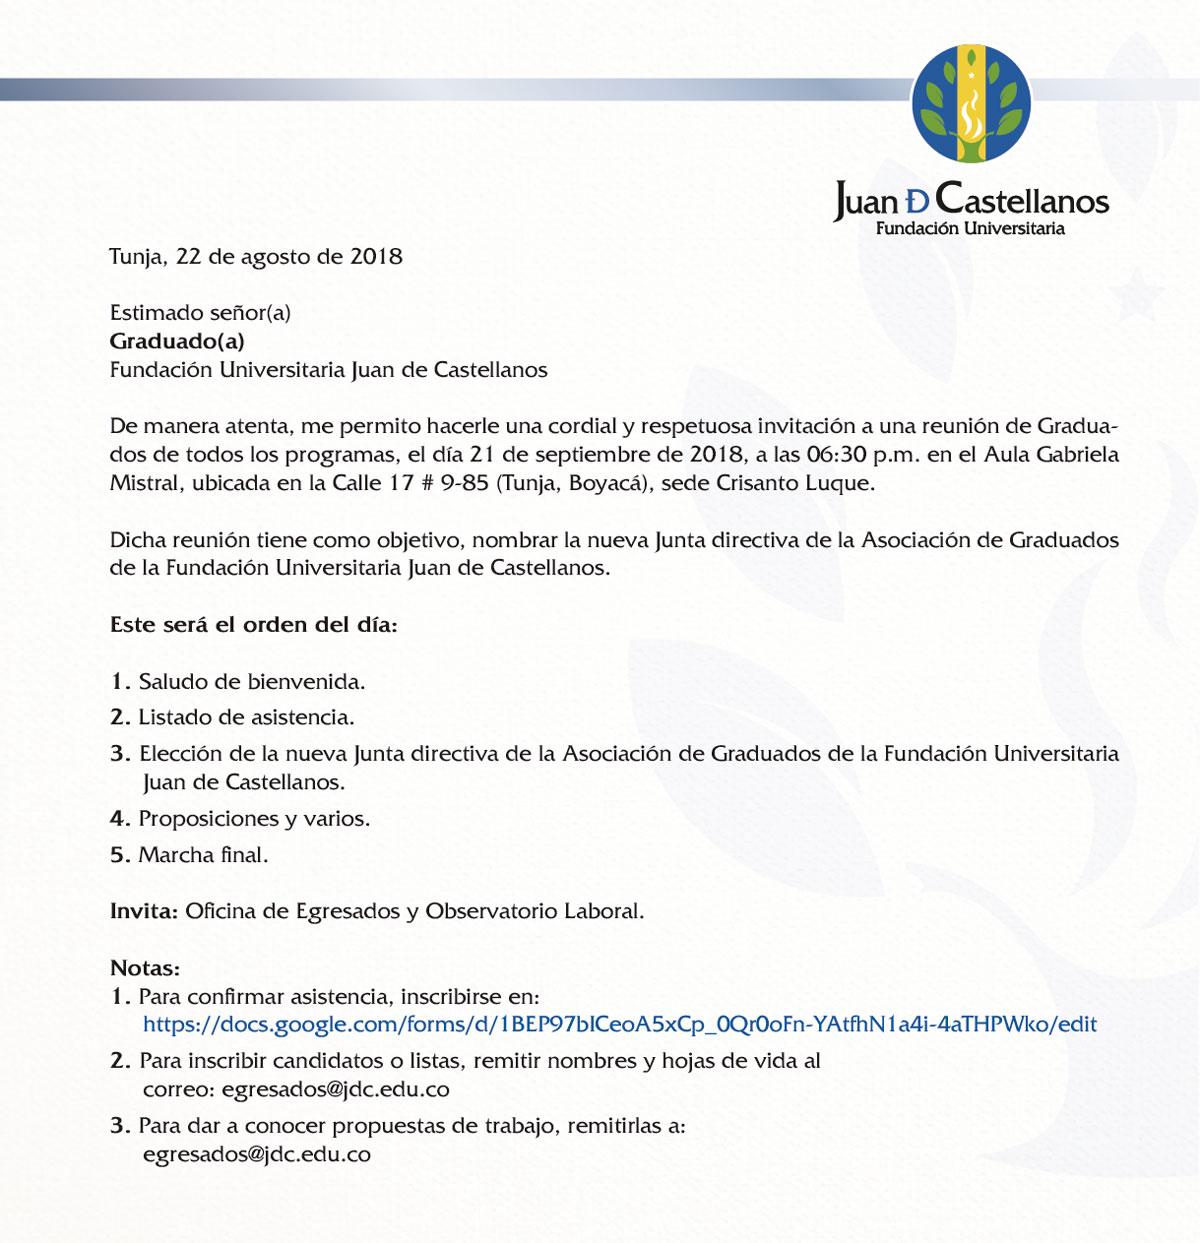 Invitación Para Graduados De La Jdc Juan De Castellanos